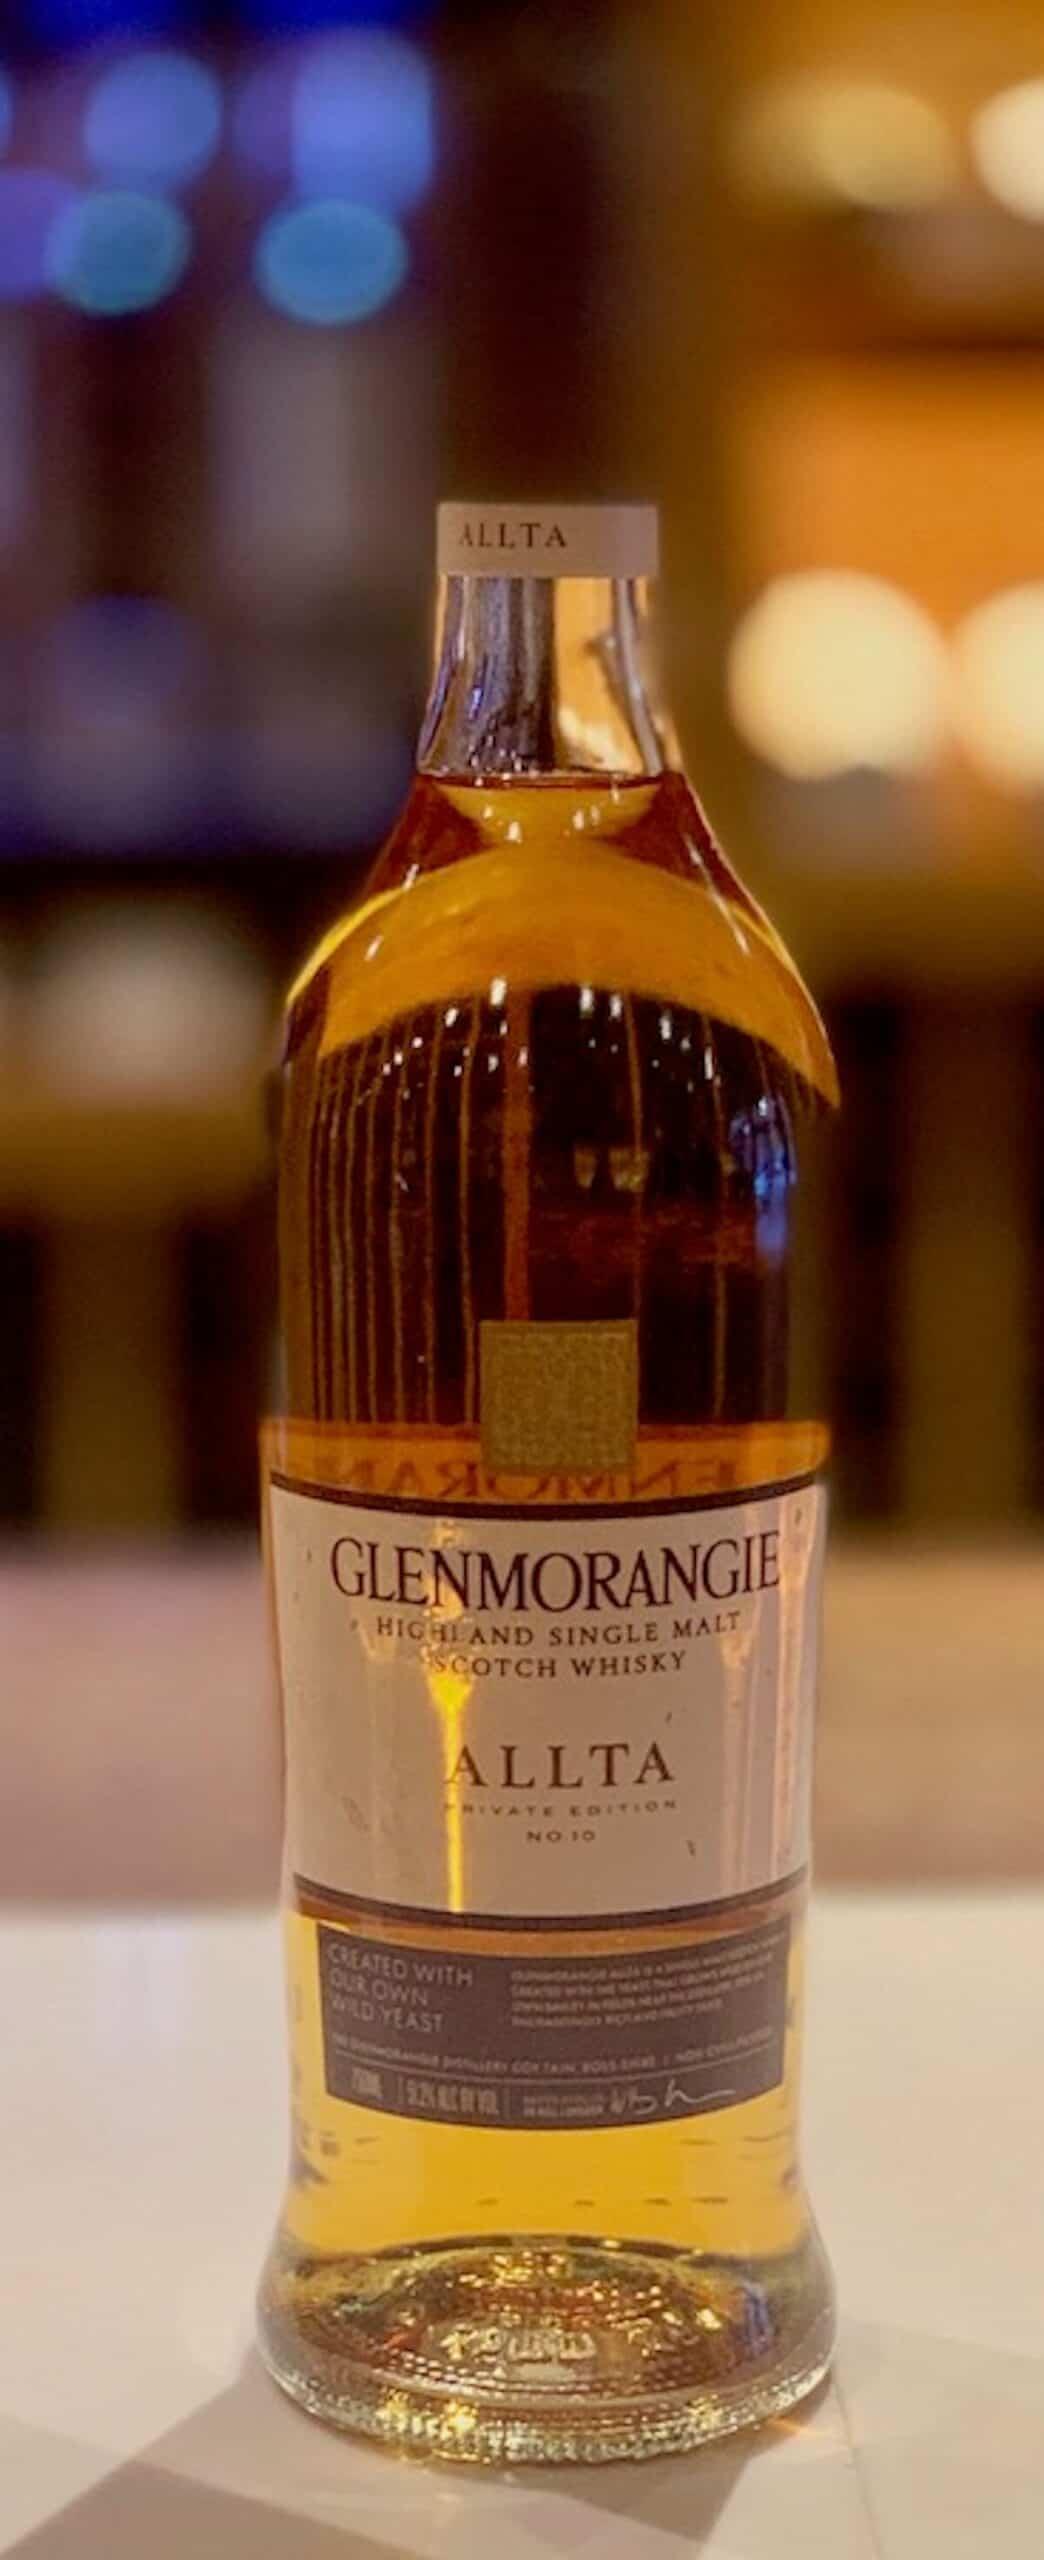 Glenmorangie Allta in bottle on a counter.